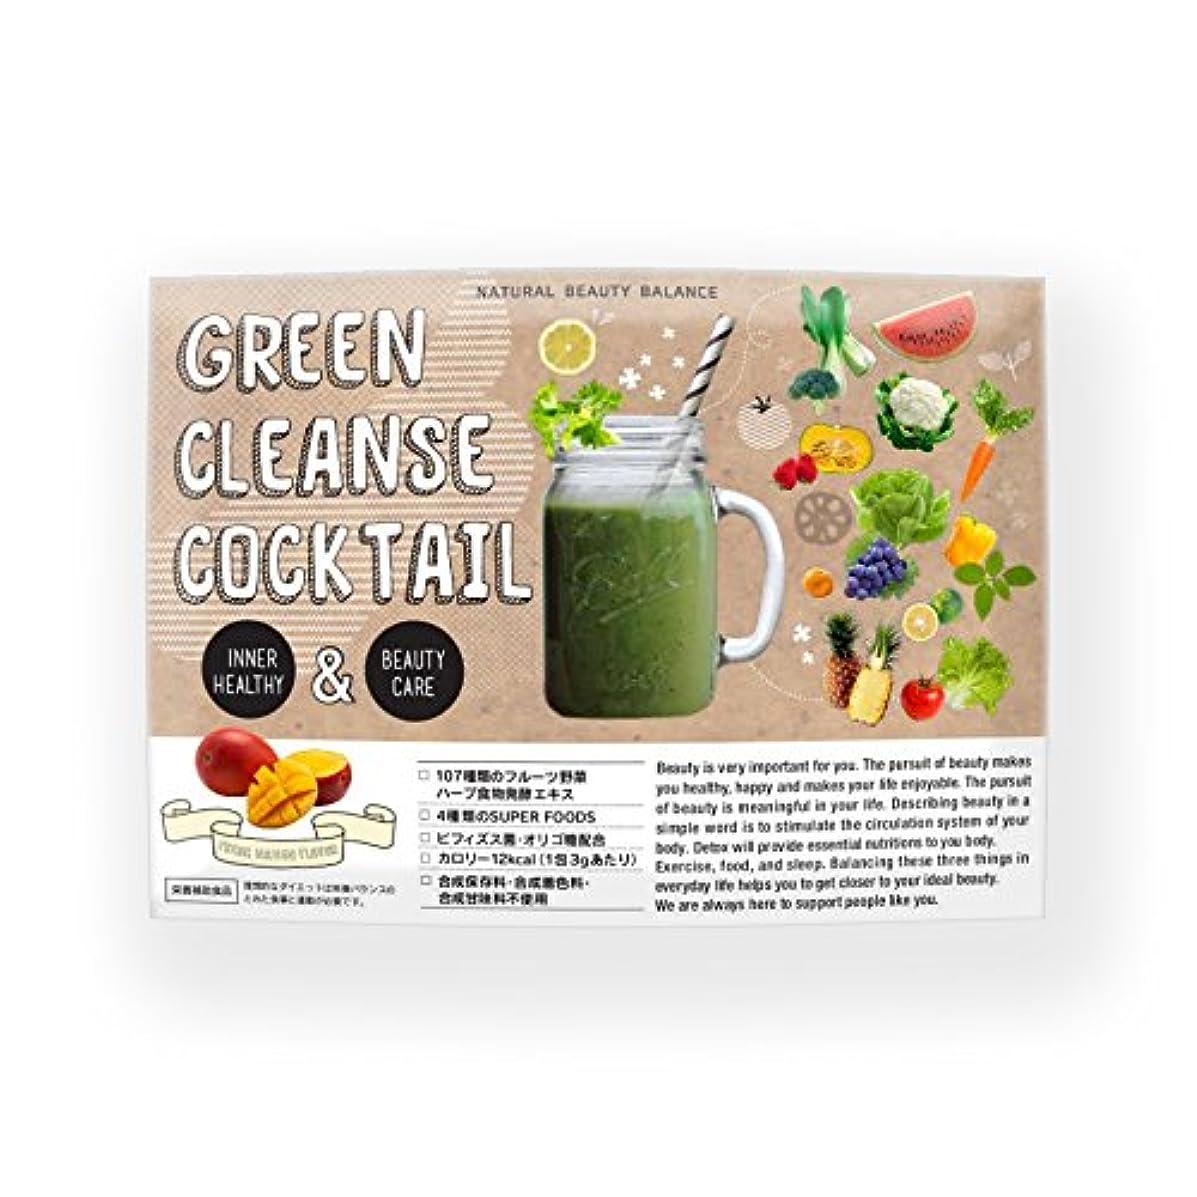 制裁試みるしがみつくNatural Beauty Balance グリーンクレンズカクテル Green Cleanse Coktail ダイエット 30包